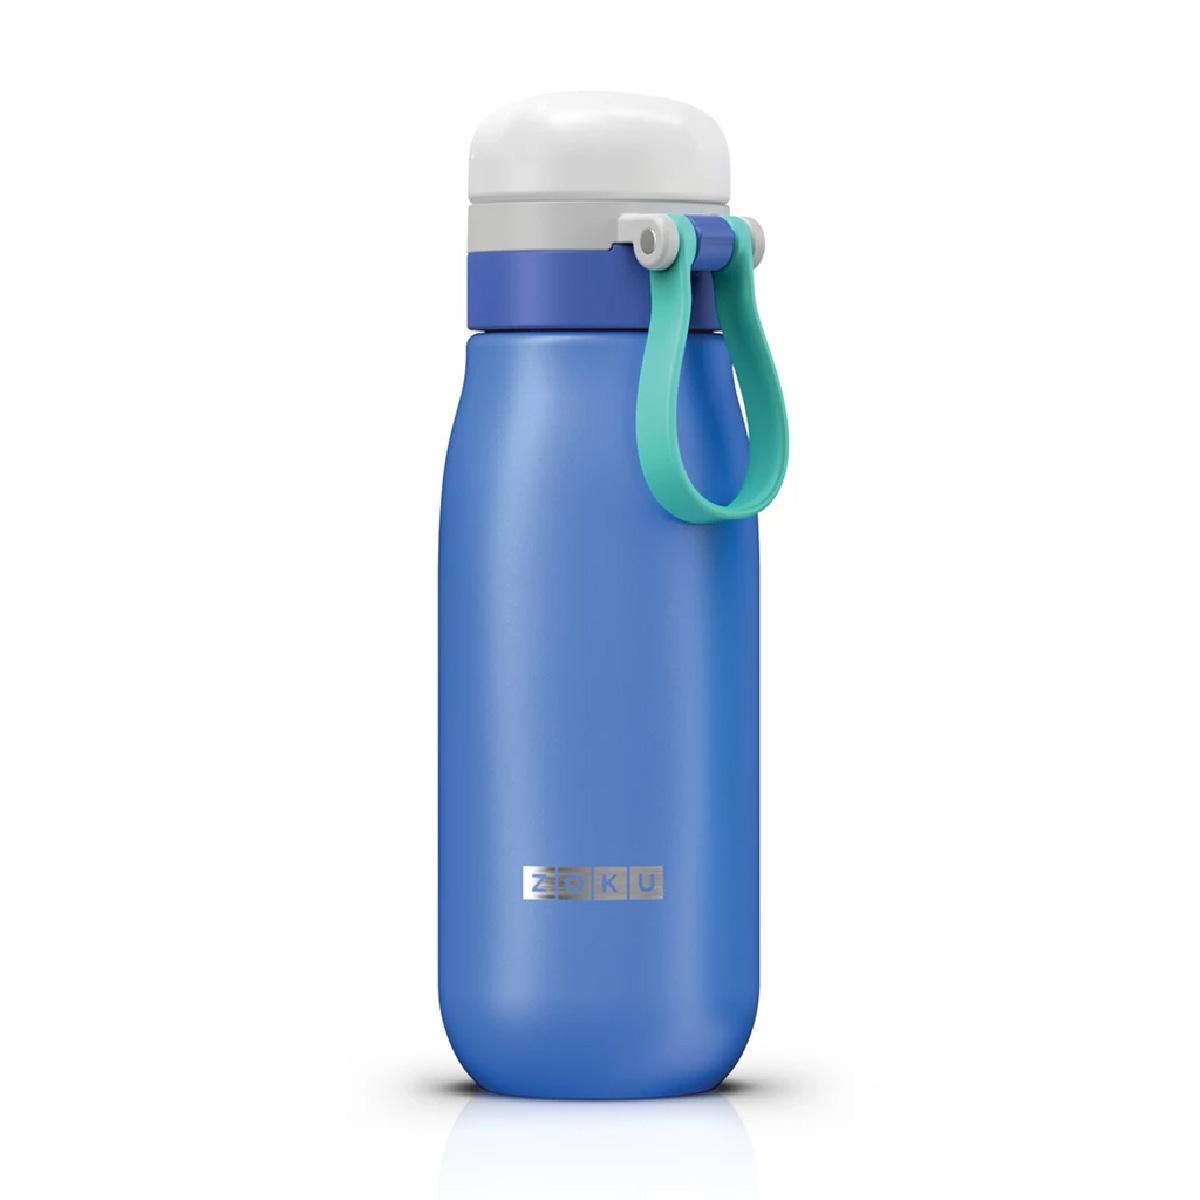 BÌnh nước Zoku Ultralight siêu nhẹ từ Mỹ - 500ml, chống rỉ nước, dễ cầm, dễ sử dụng